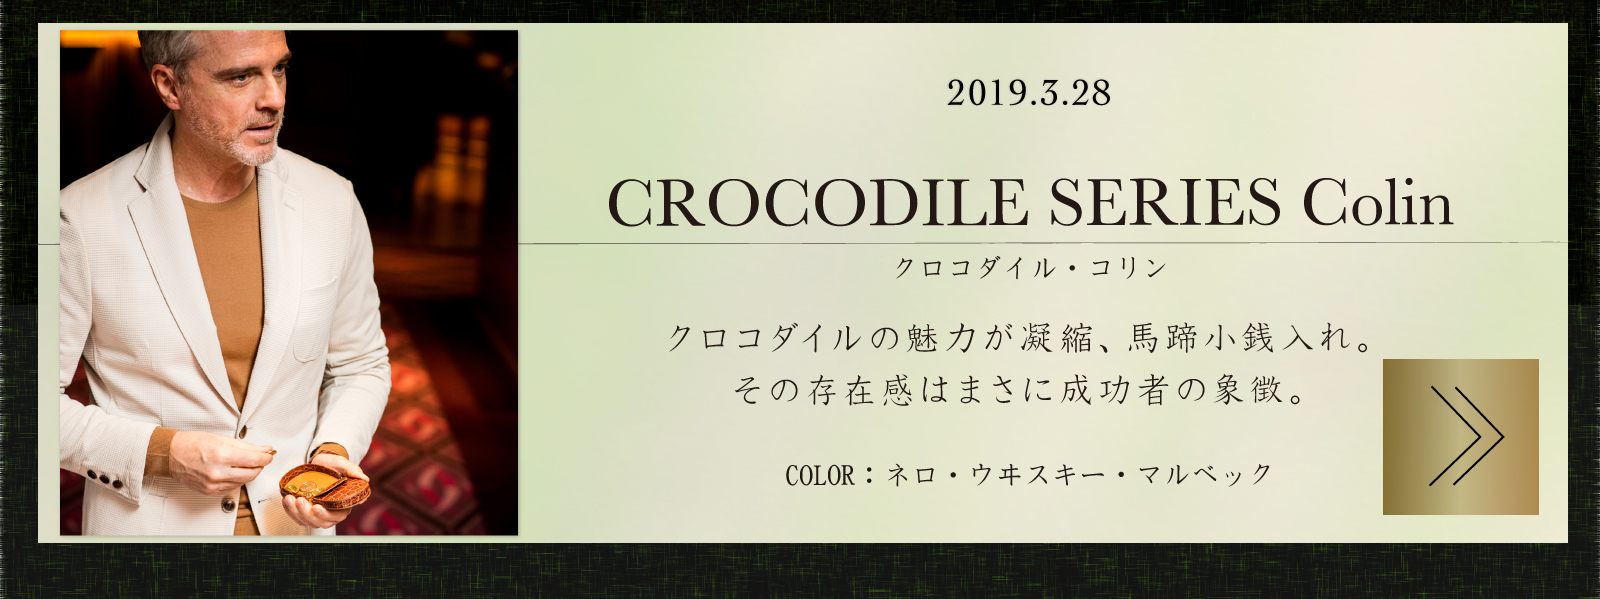 クロコダイル・コリン